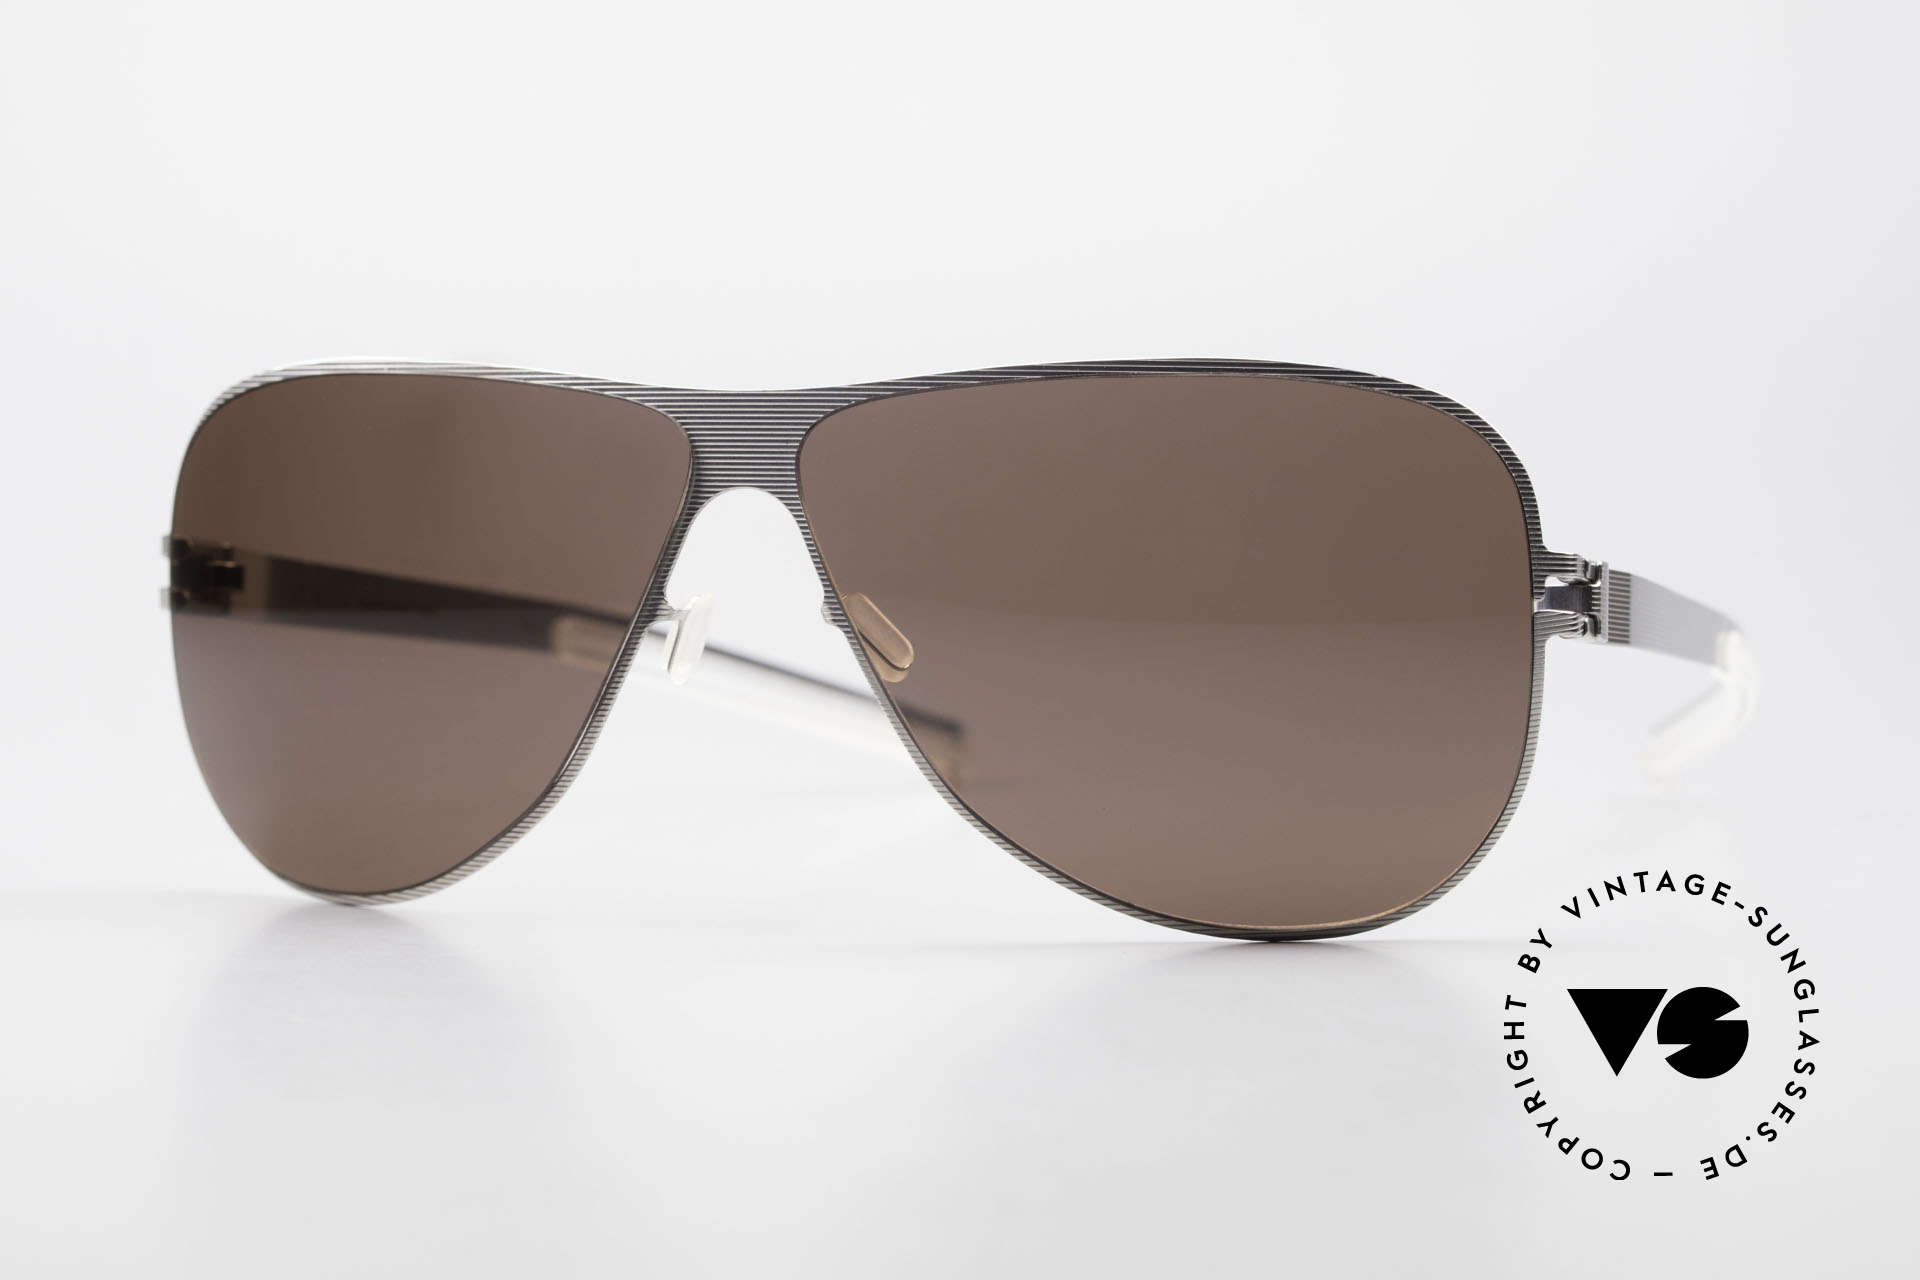 Mykita Ava Damen Aviator Brille Polarized, original VINTAGE Mykita Damen-Sonnenbrille von 2007, Passend für Damen